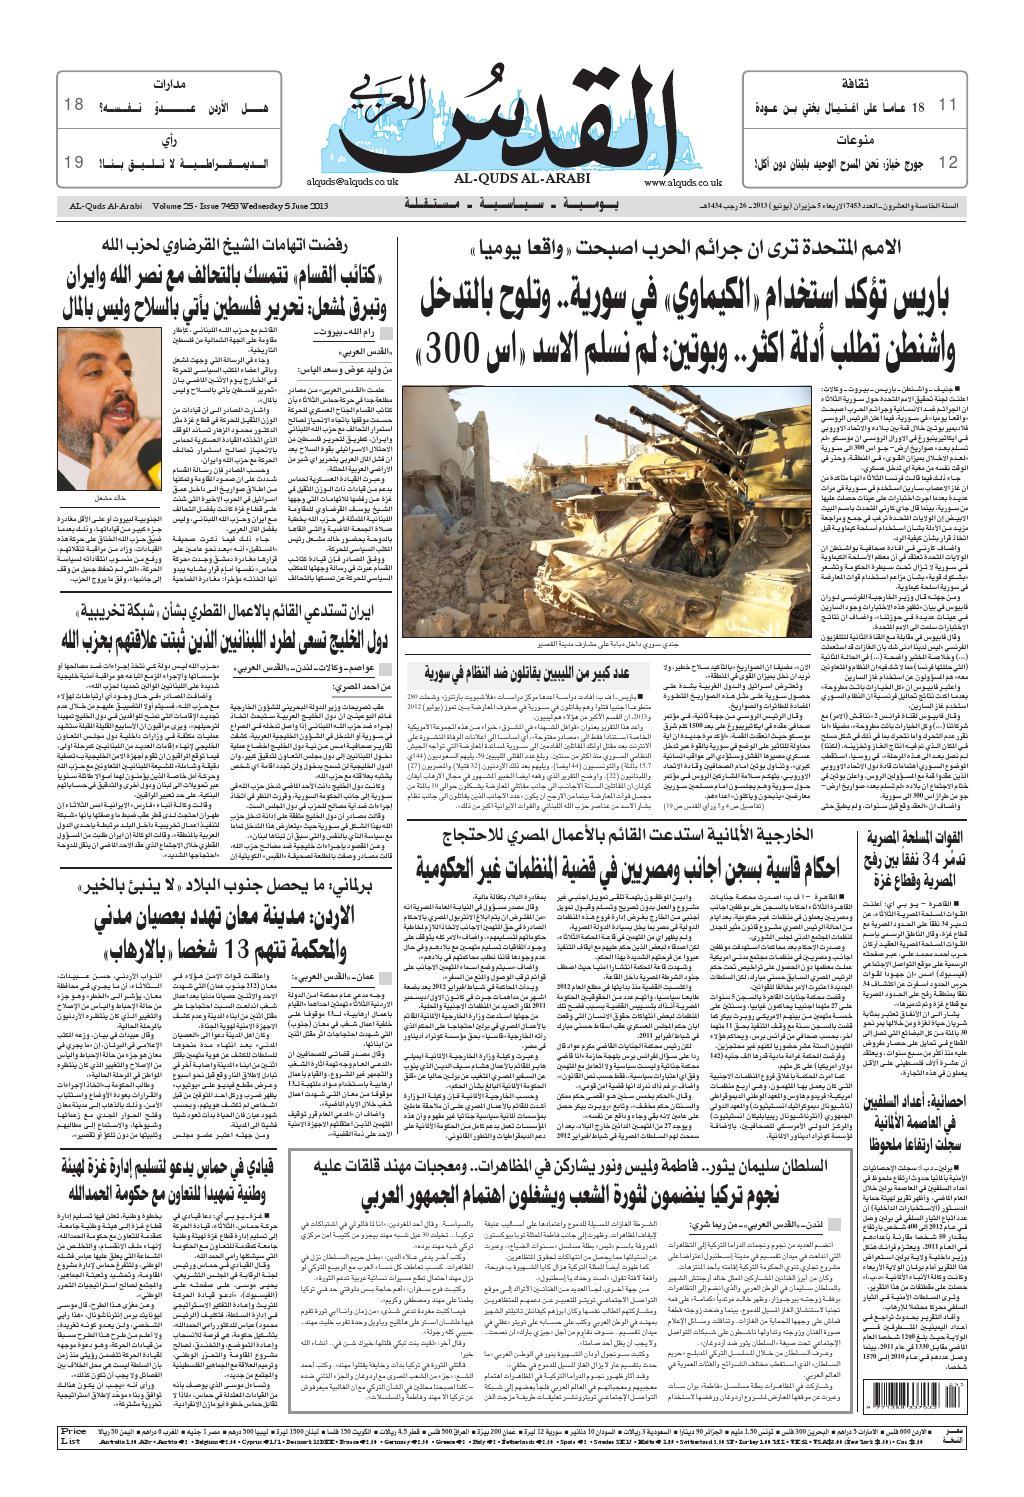 صحيفة القدس العربي الأربعاء 05 06 2013 By مركز الحدث Issuu